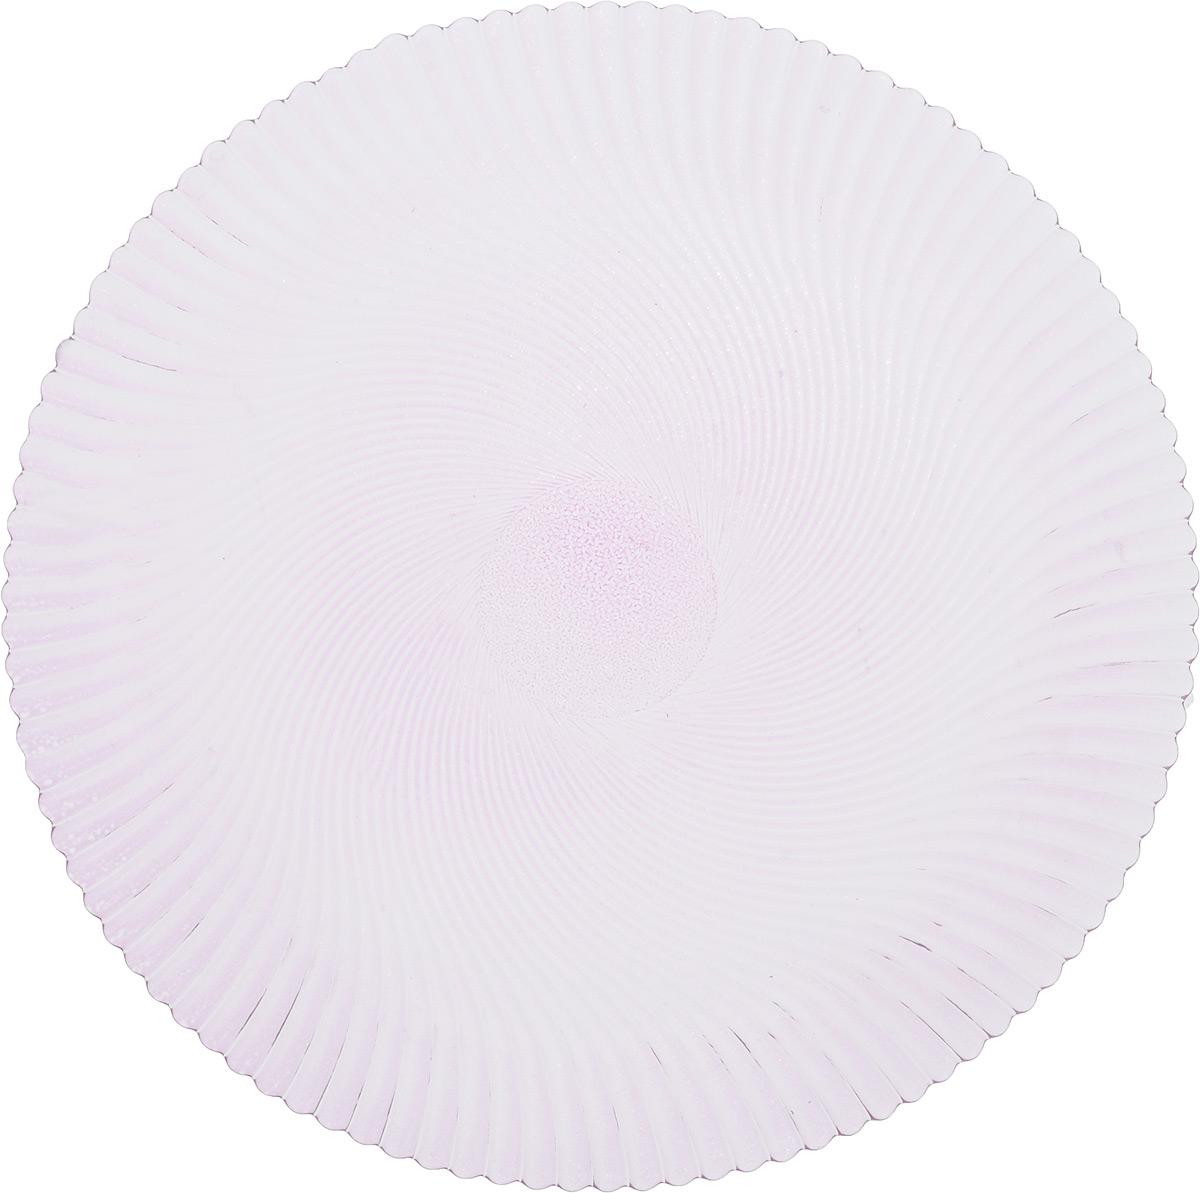 Блюдо NiNaGlass Альтера, цвет: сиреневый, диаметр 32 см83-028-ф320 СИРБлюдо NiNaGlass Альтера, изготовленное из высококачественного стекла, имеет круглую форму и прекрасно подойдет для подачи нарезок, закусок и других блюд. Внешняя стенка изделия имеет рельефную форму. Такое блюдо украсит сервировку вашего стола и подчеркнет прекрасный вкус хозяйки. Диаметр блюда (по верхнему краю): 32 см. Высота блюда: 2 см.